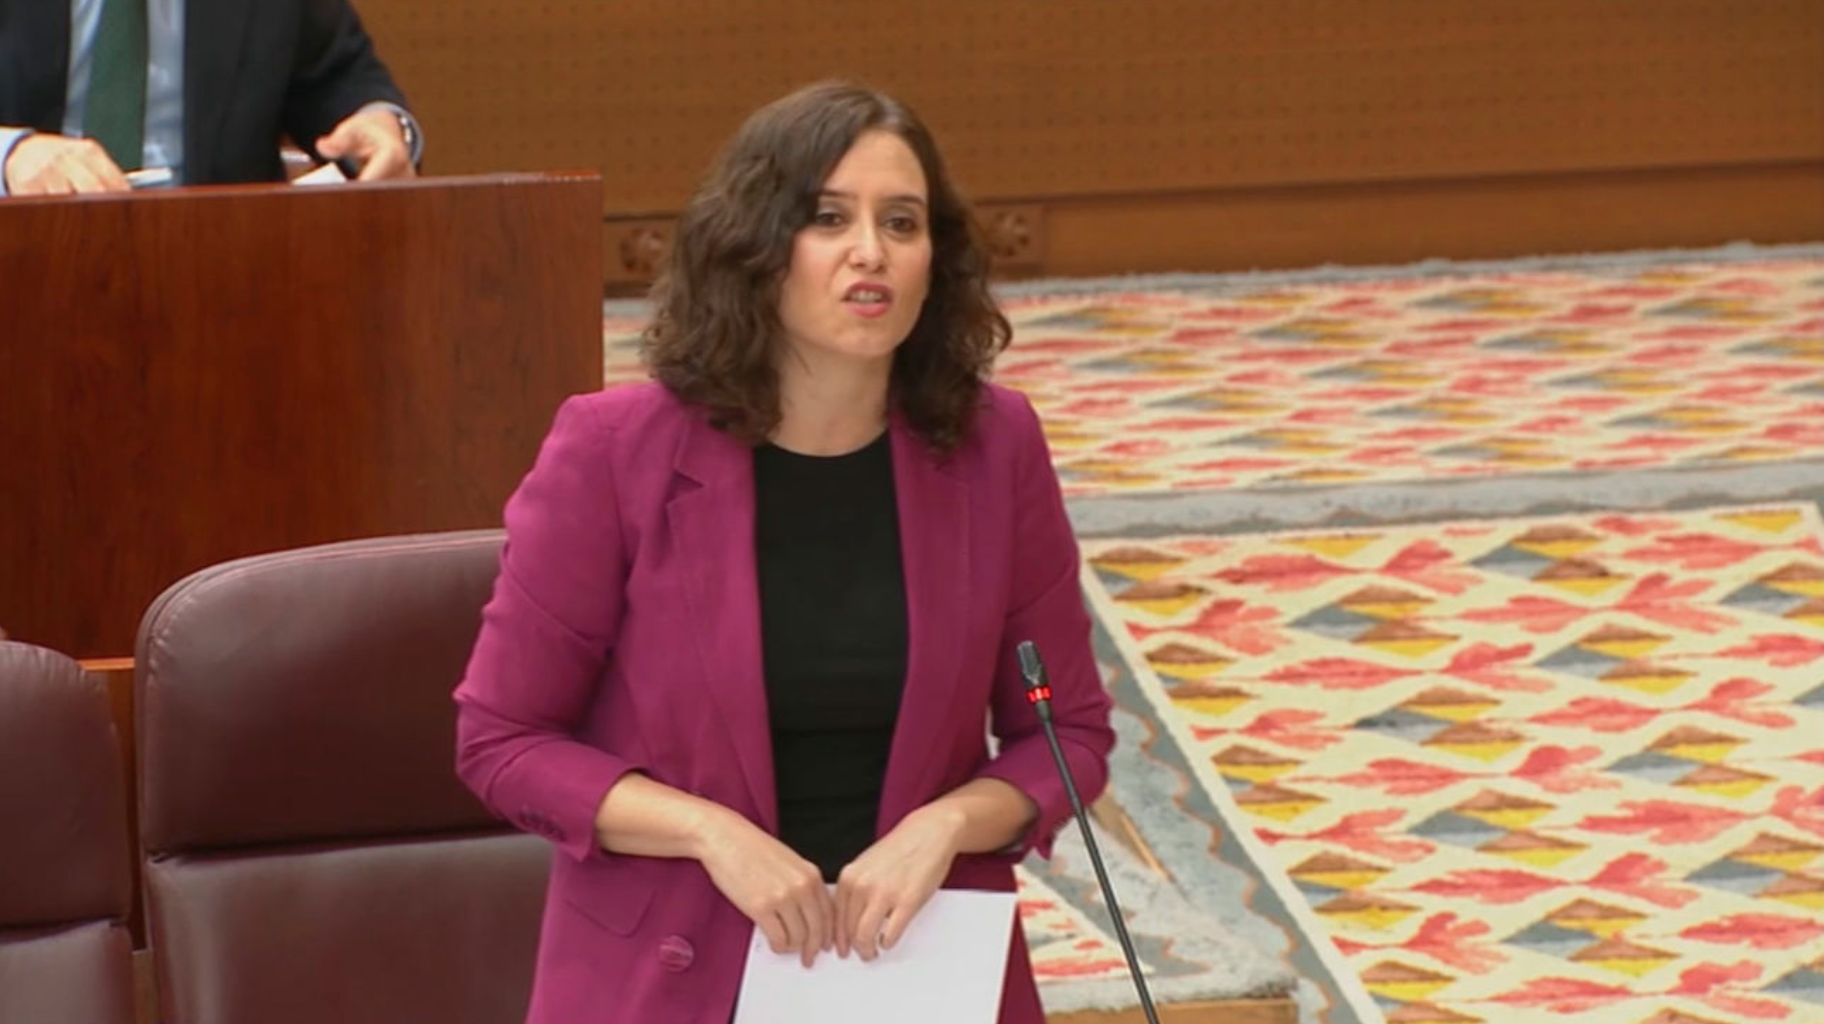 Isabel Díaz Ayuso, presidenta de la Comunidad de Madrid, en la Asamblea de Madrid durante la sesión de control al Gobierno de este jueves | TimeJust